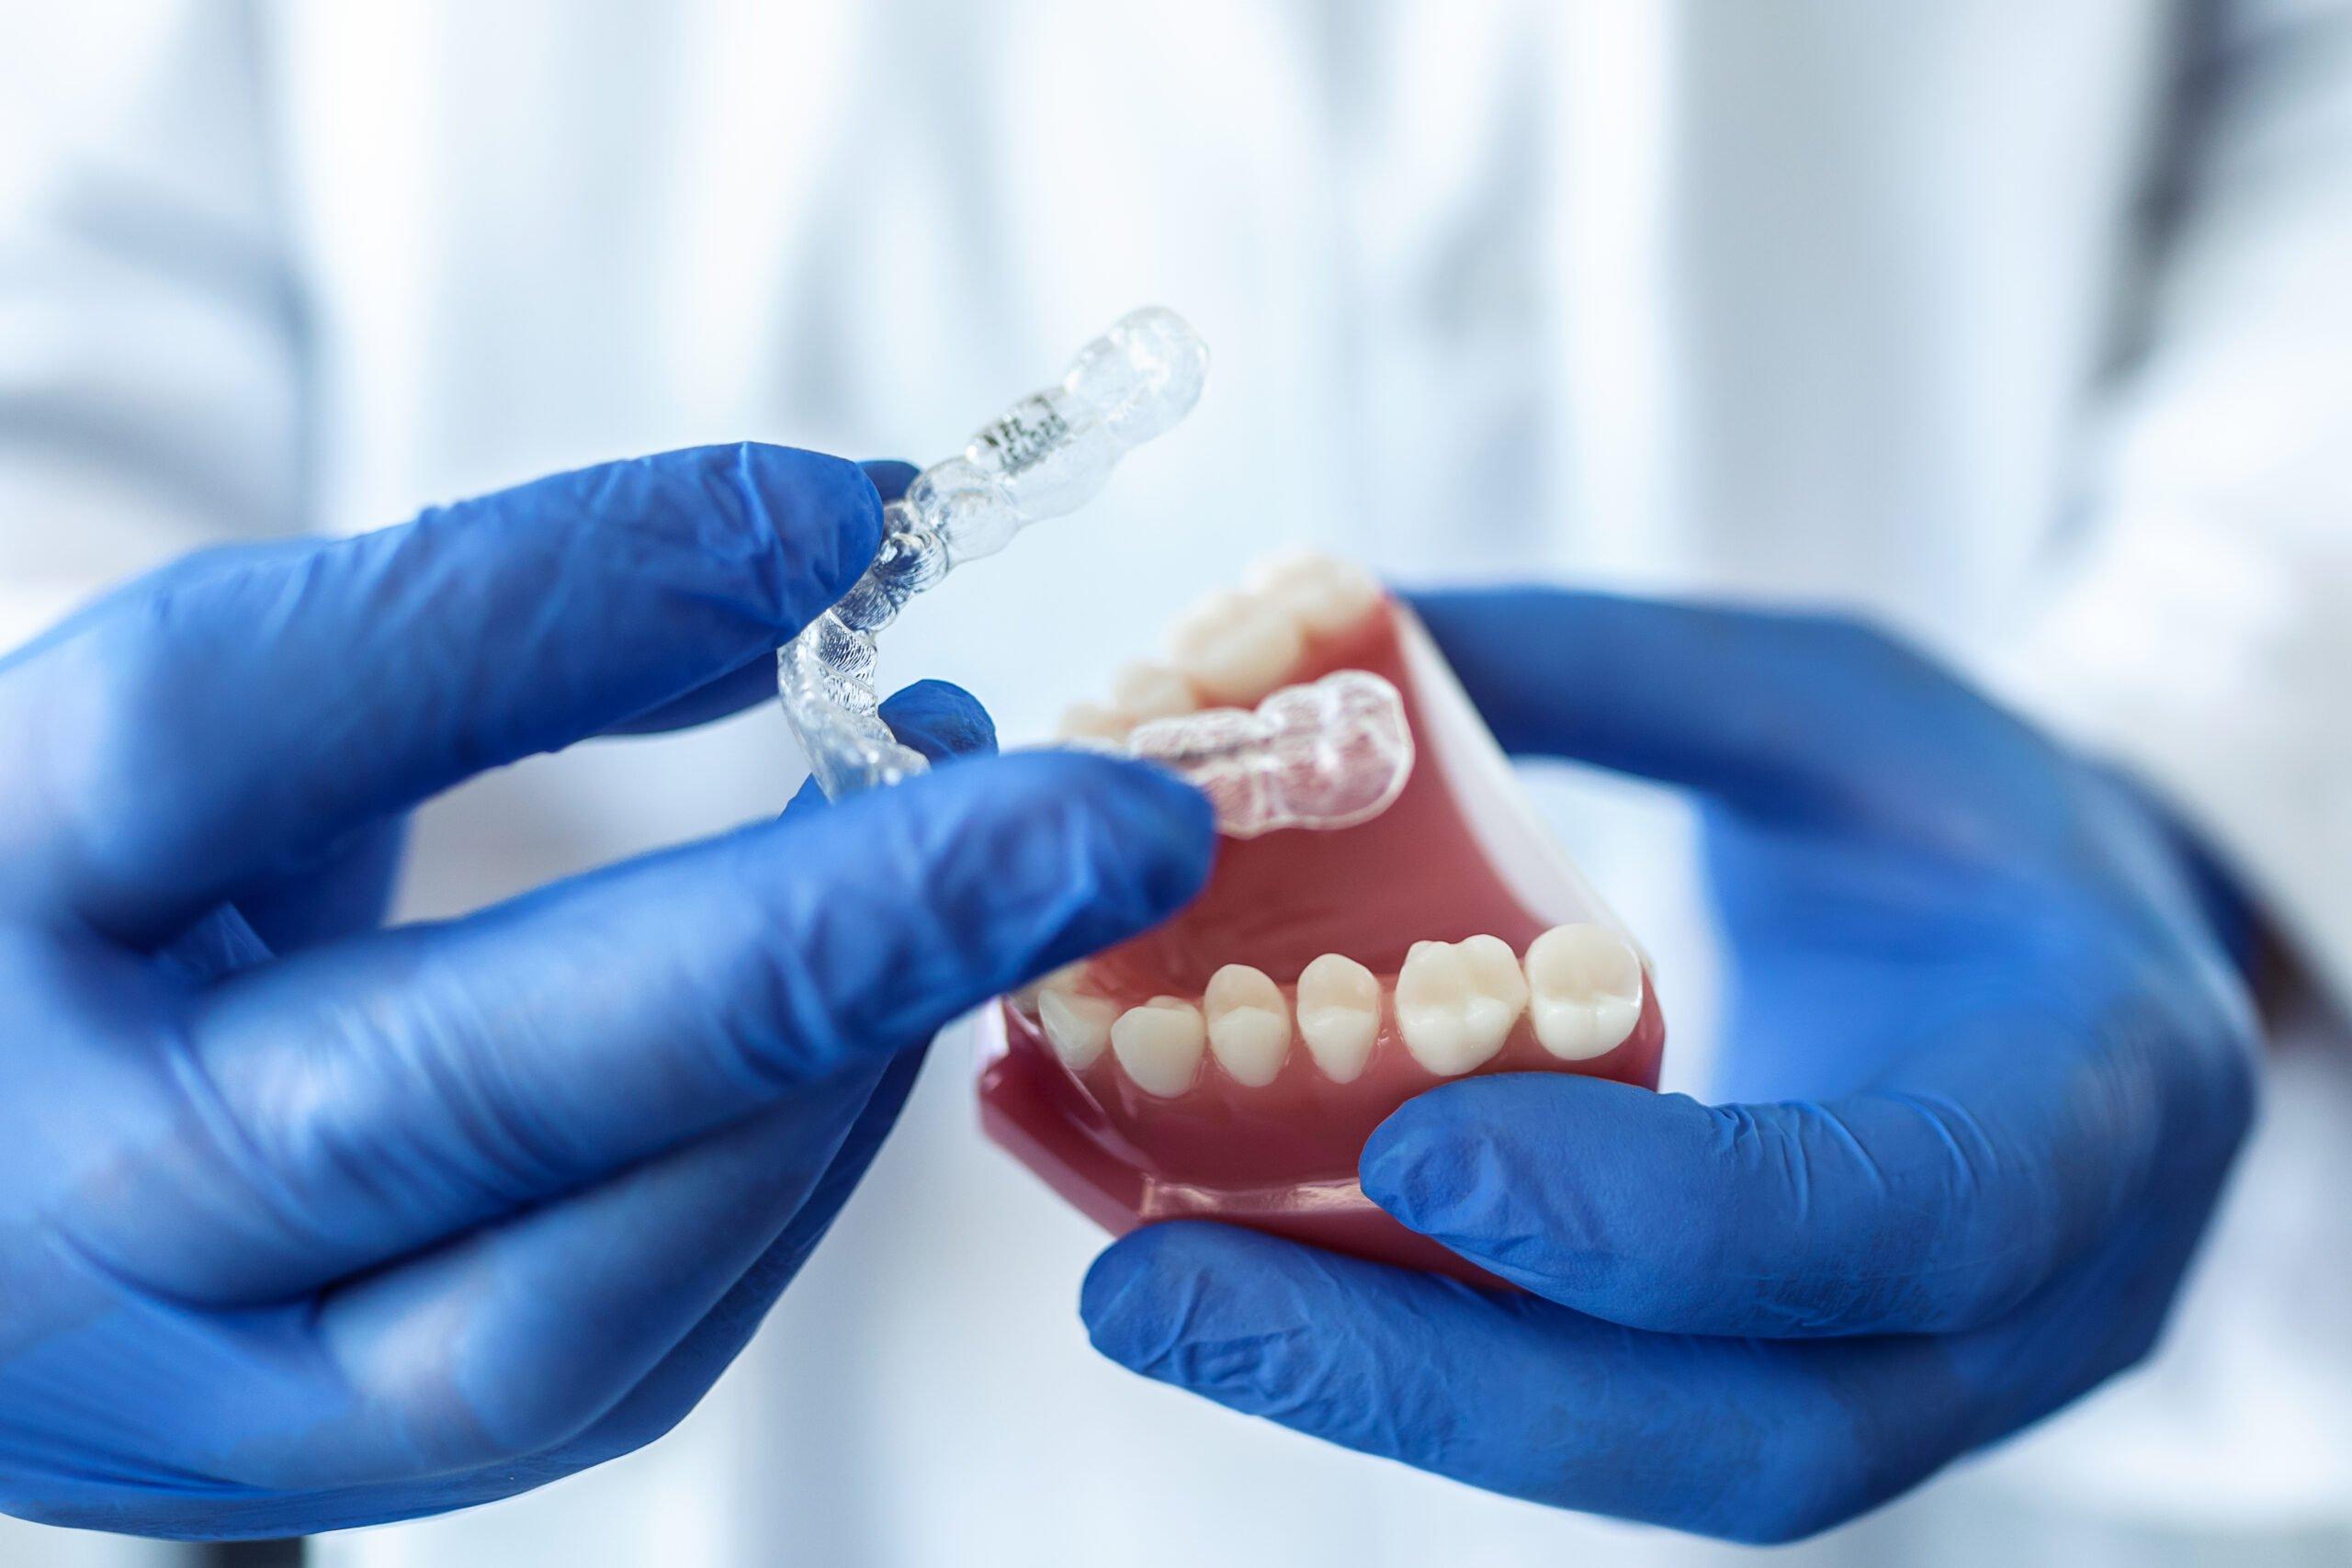 Prueba de ortodoncia invisible en molde